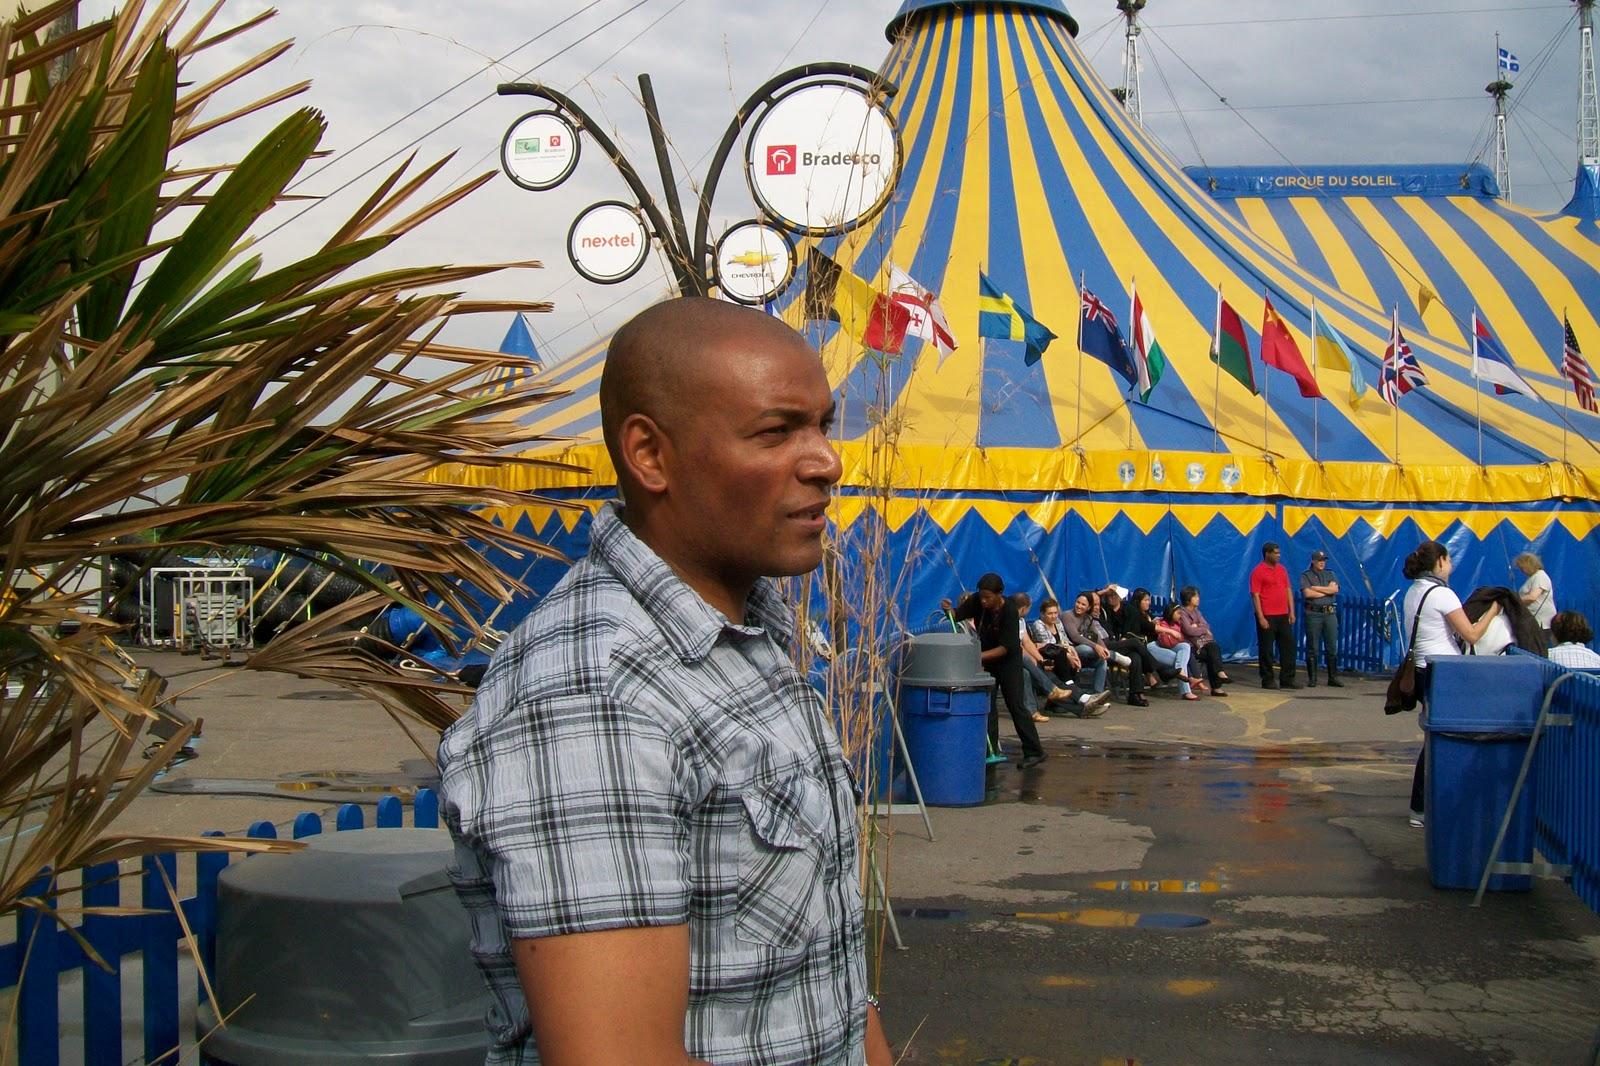 #BA9211 Cirque du Soleil – Varekai 1600x1066 px tapete de banheiro em frances